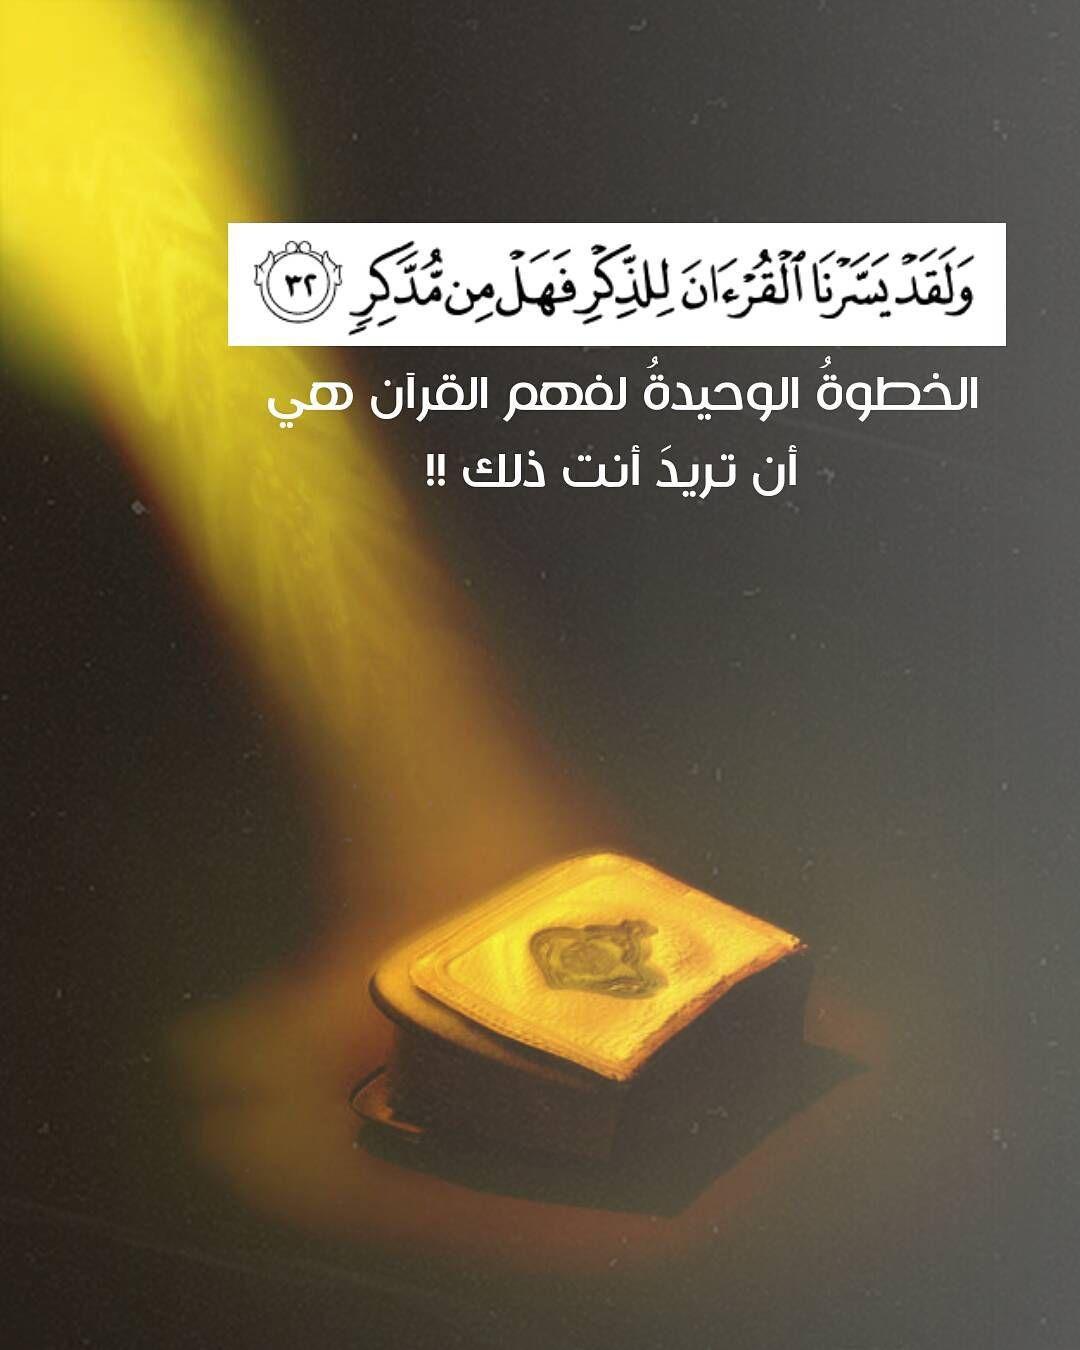 ولقد يسرنا القرآن للذكر فهل من مدكر الخطوة الوحيدة لفهم القرآن هي أن تريد أنت ذلك منشن لغيرك Verset Coranique Coran Citation